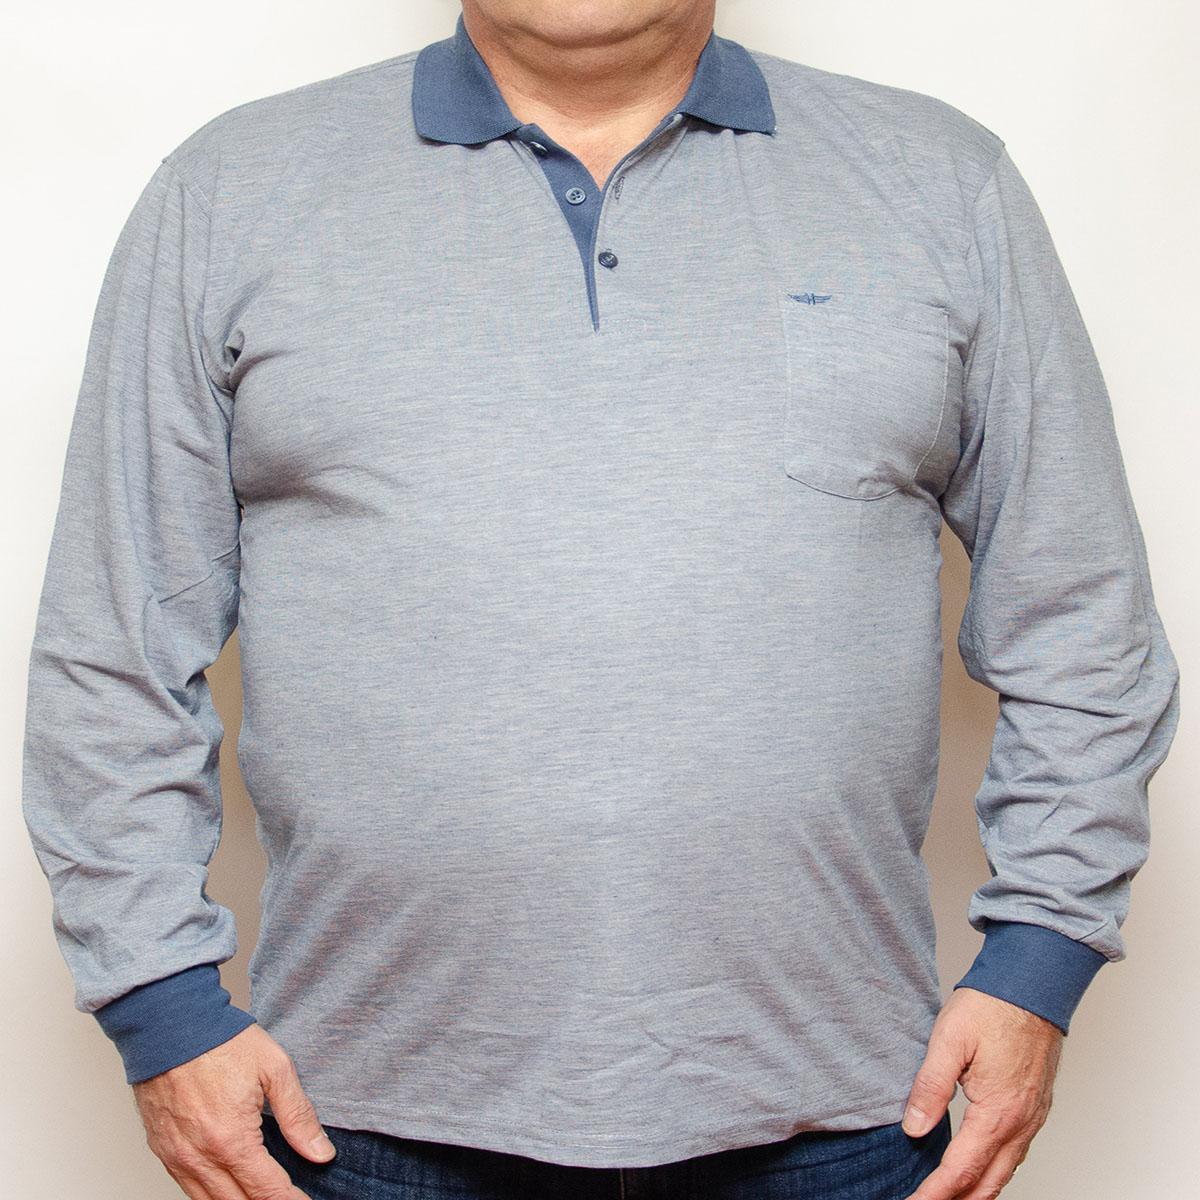 Bluza subtire gri cu insertii blumarin si cu guler , Marime 3XL - egato.ro